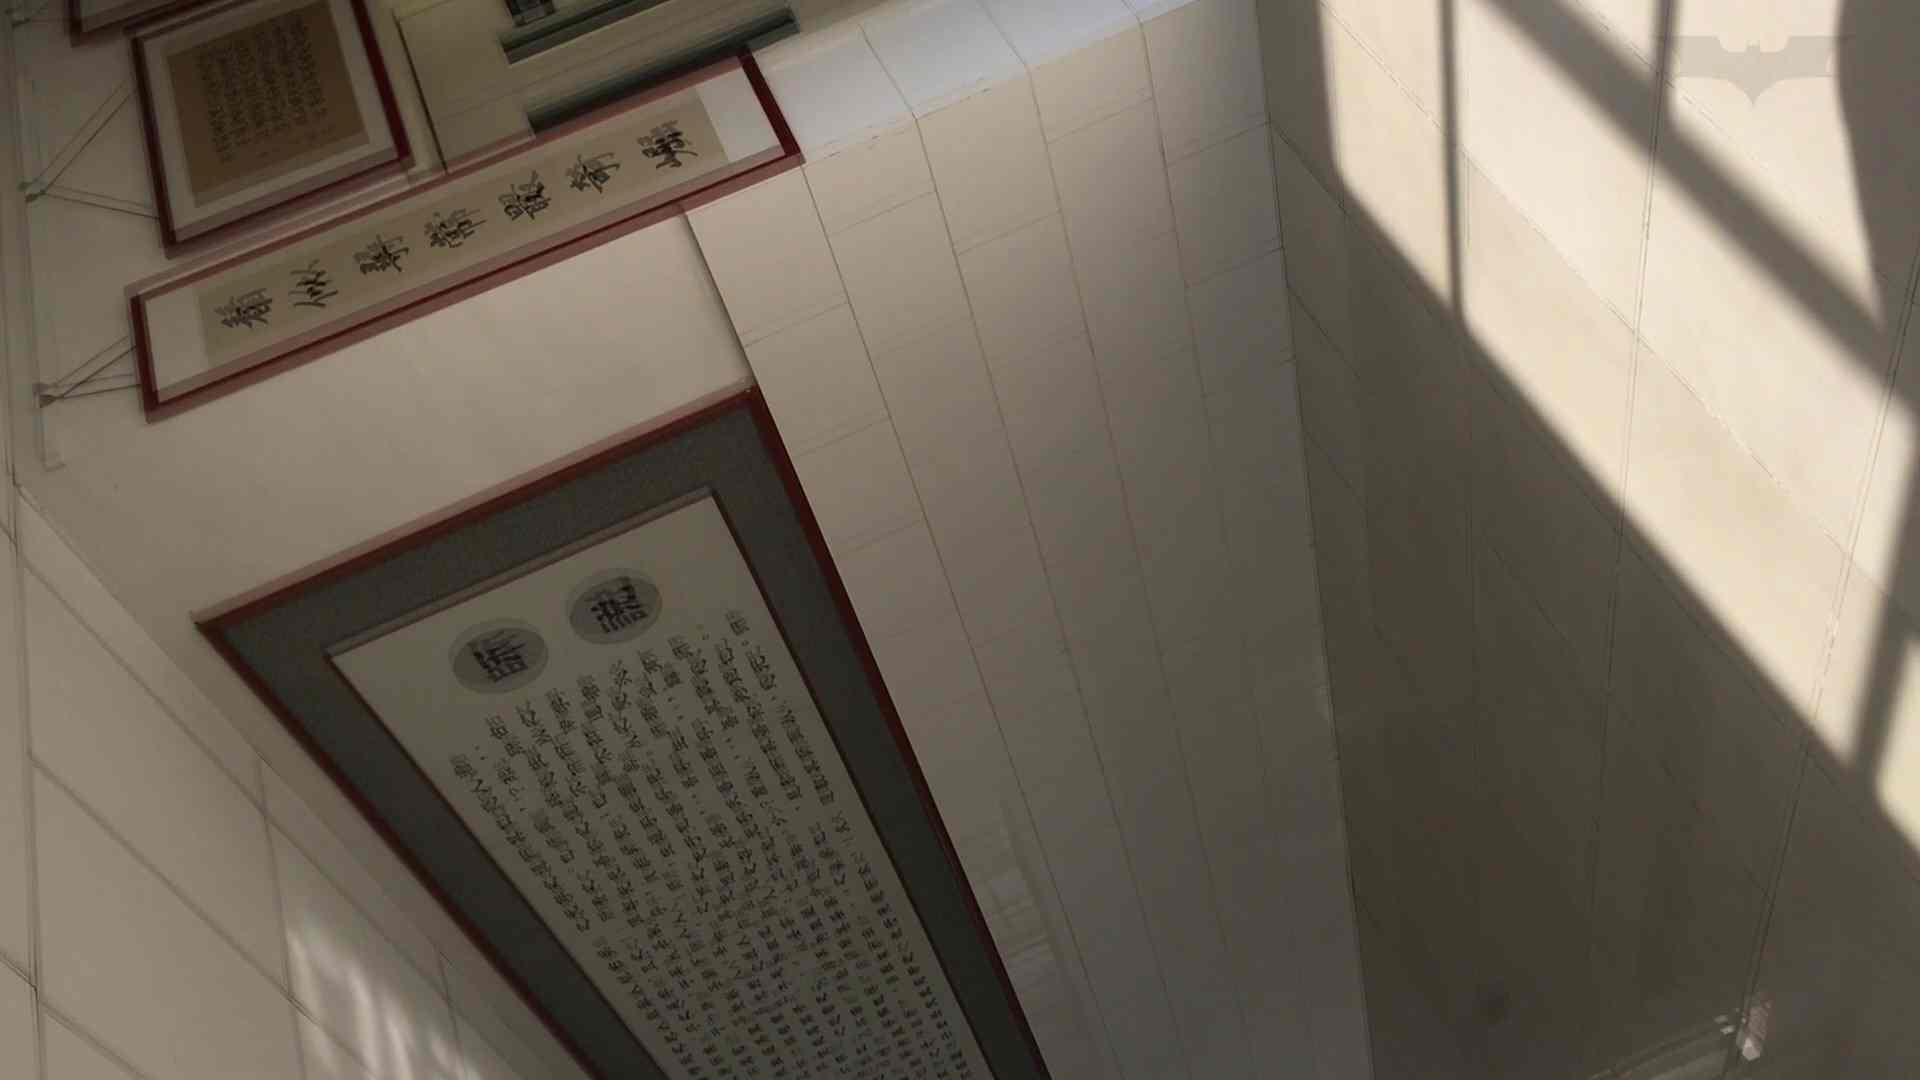 芸術大学ガチ潜入盗撮 JD盗撮 美女の洗面所の秘密 Vol.91 盗撮 | 高画質  97画像 12